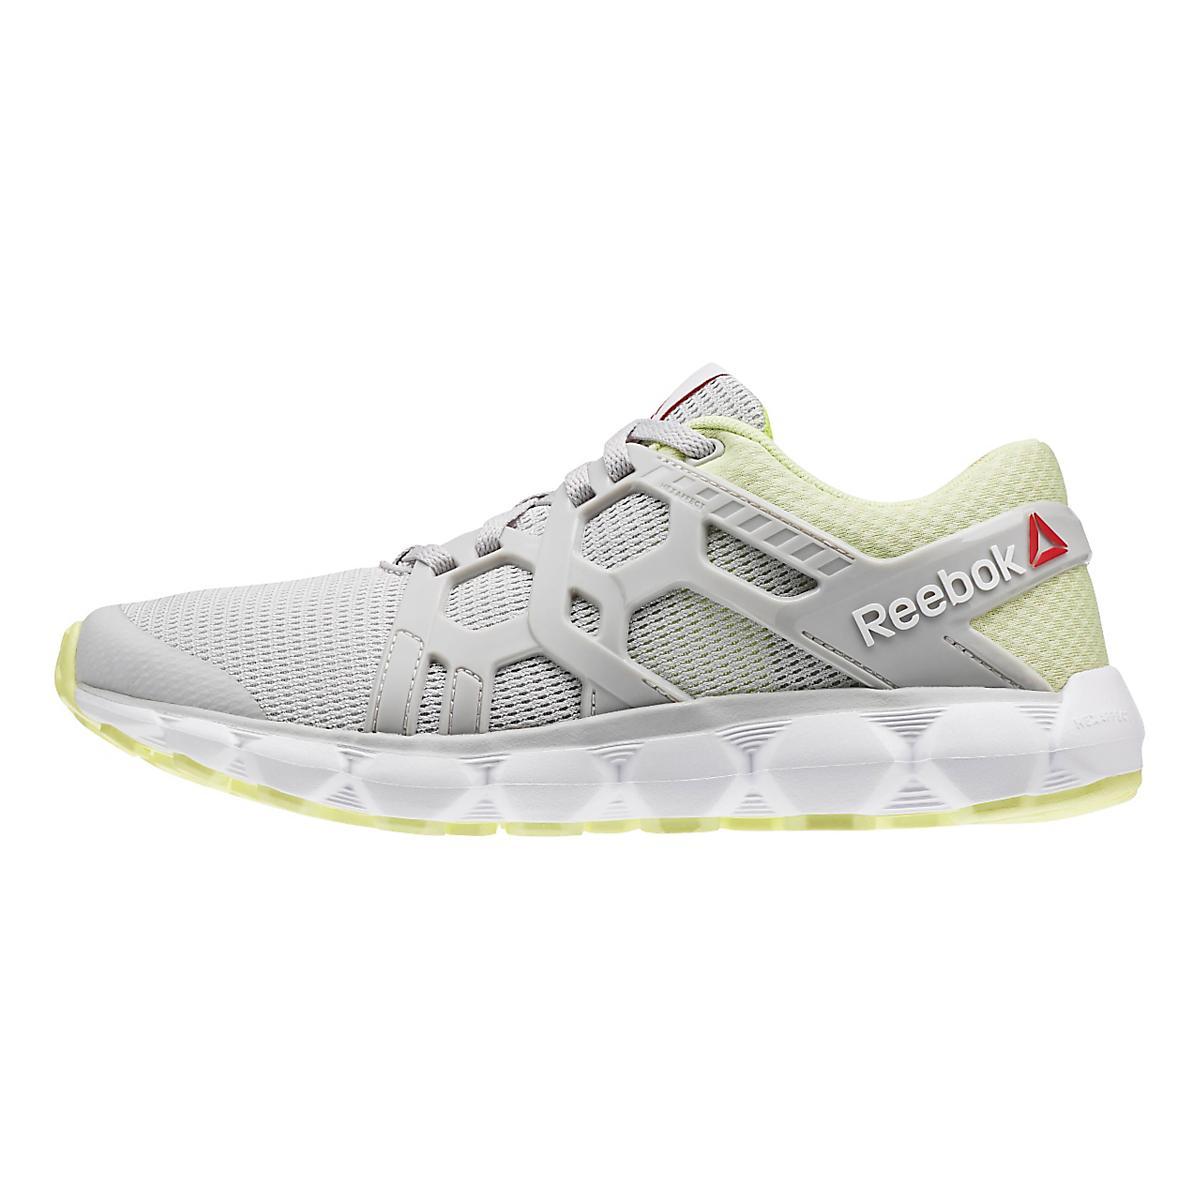 Womens Reebok Hexaffect Run 4.0 MTM Running Shoe at Road Runner Sports f82700925